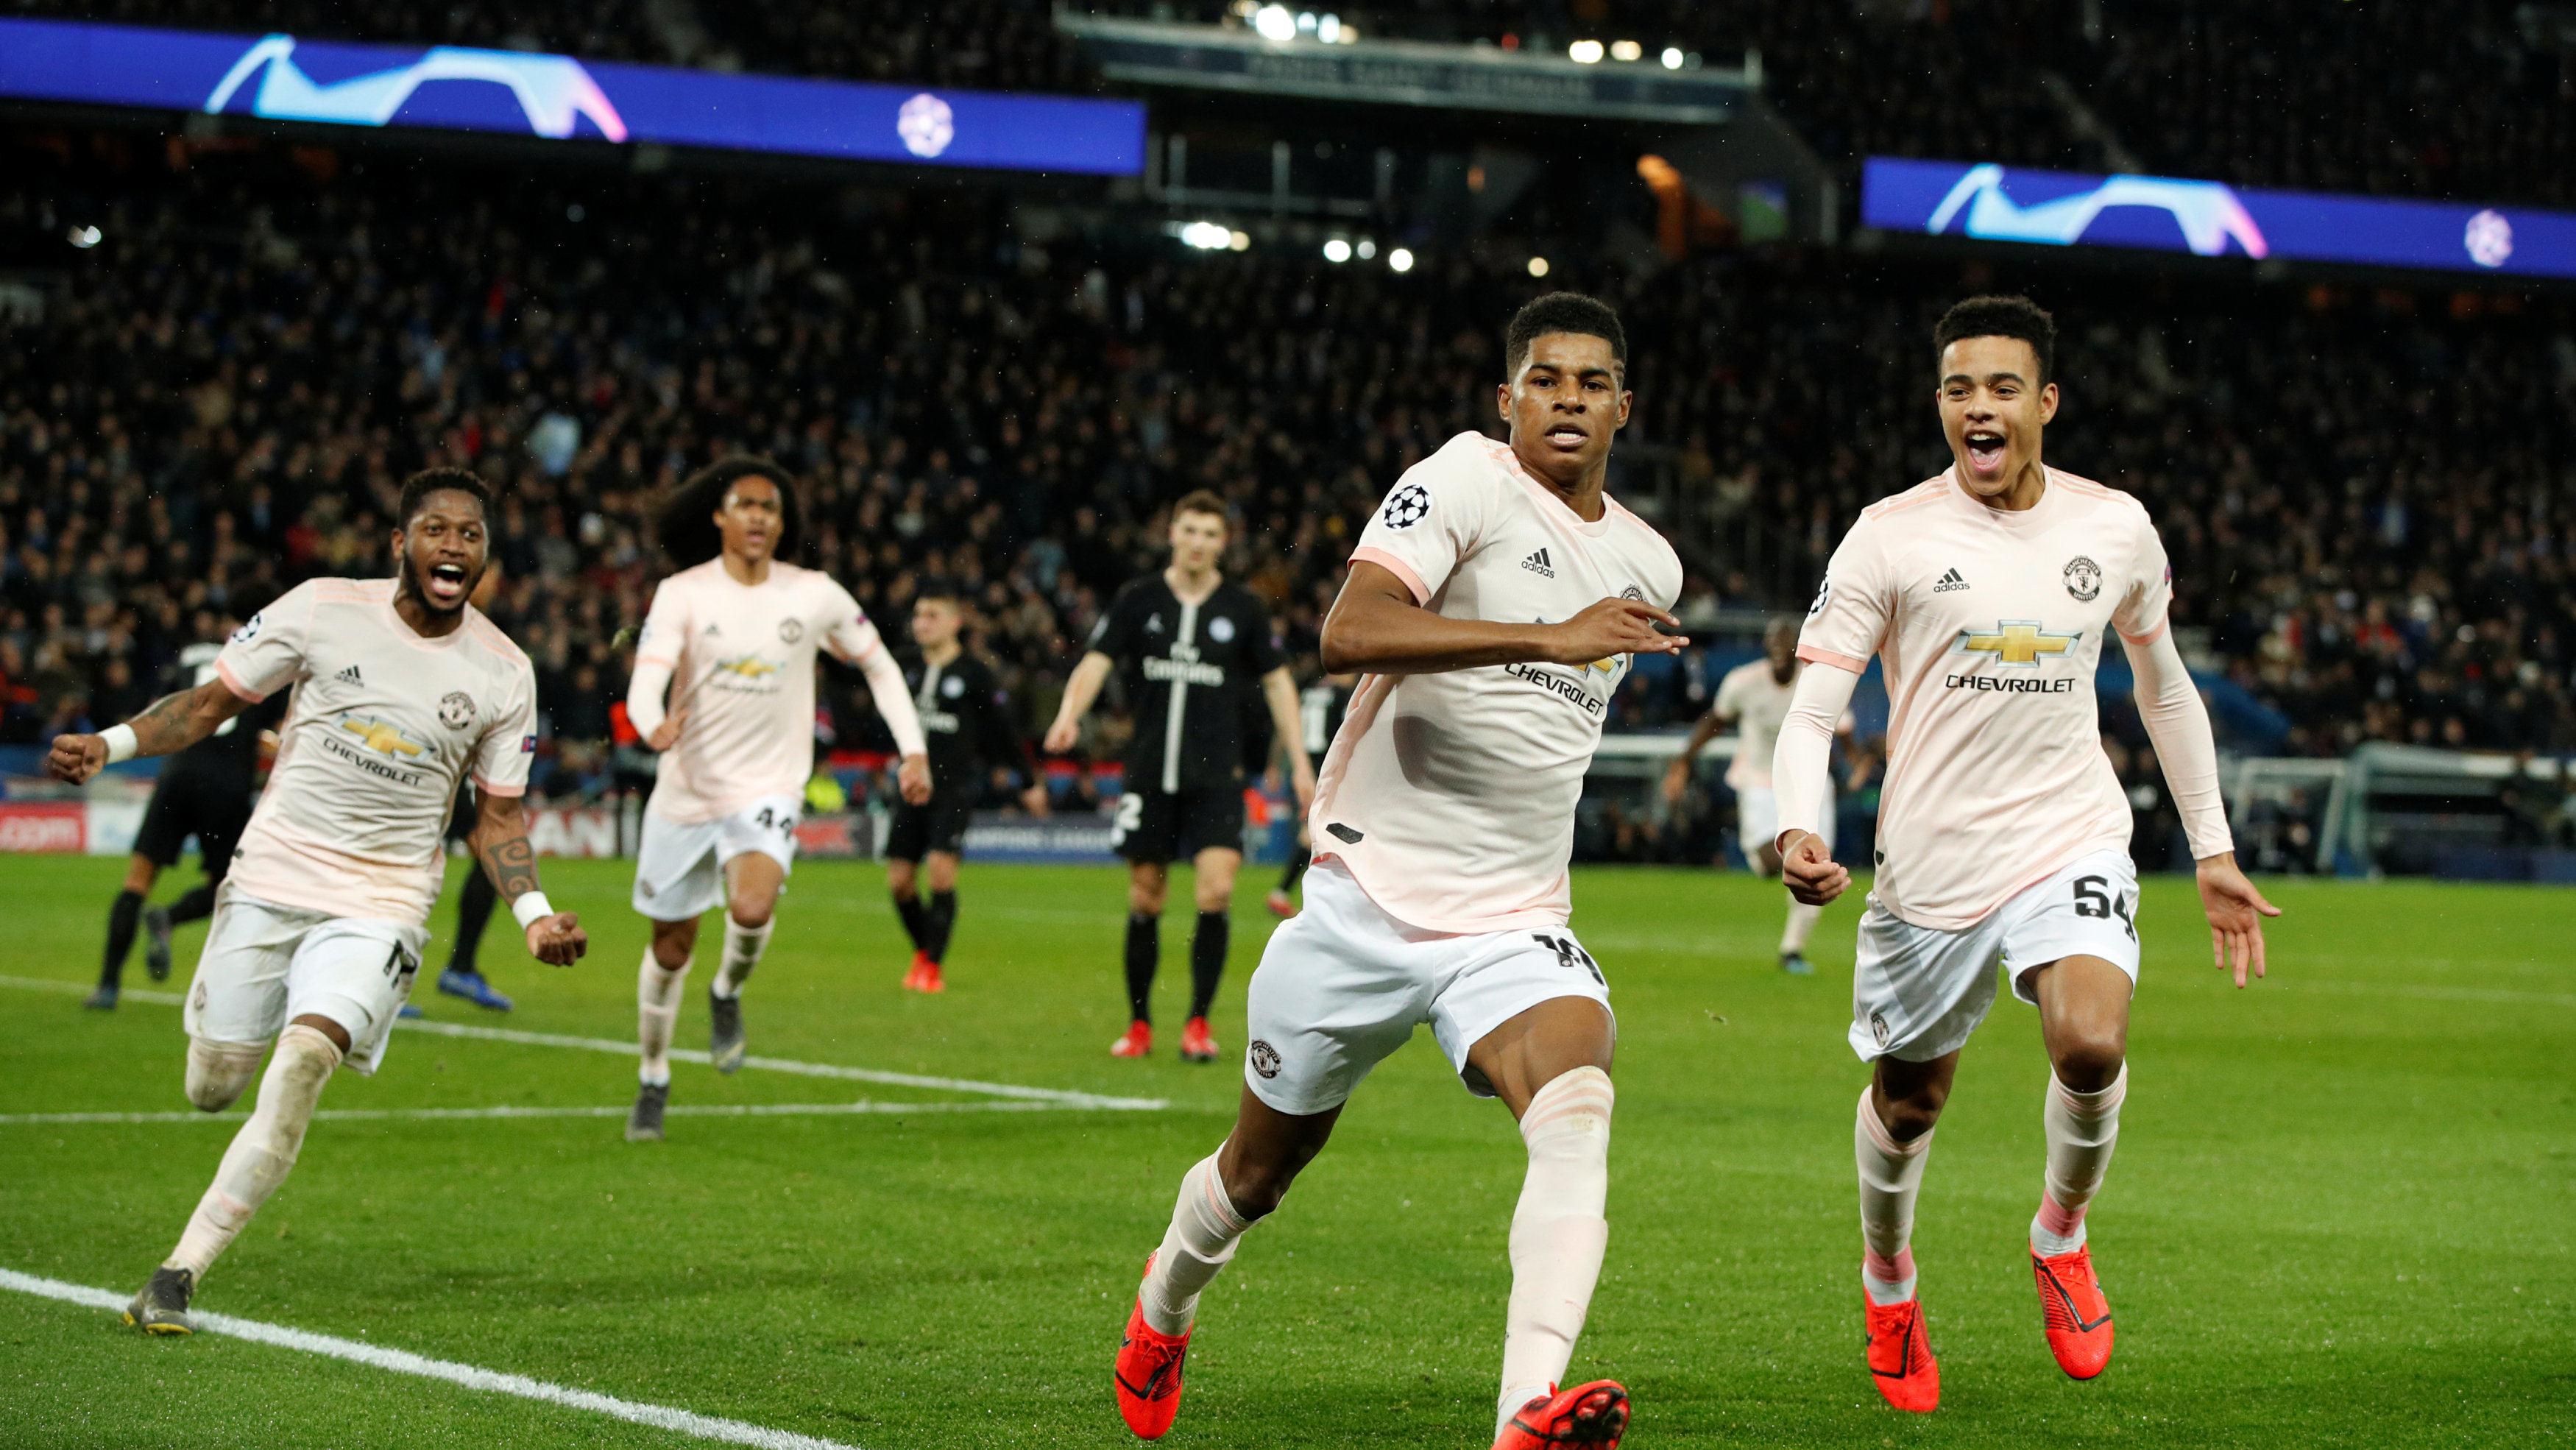 有一种奇迹叫曼联 红魔球员赛后肆意庆祝球队大逆转晋级_曼联